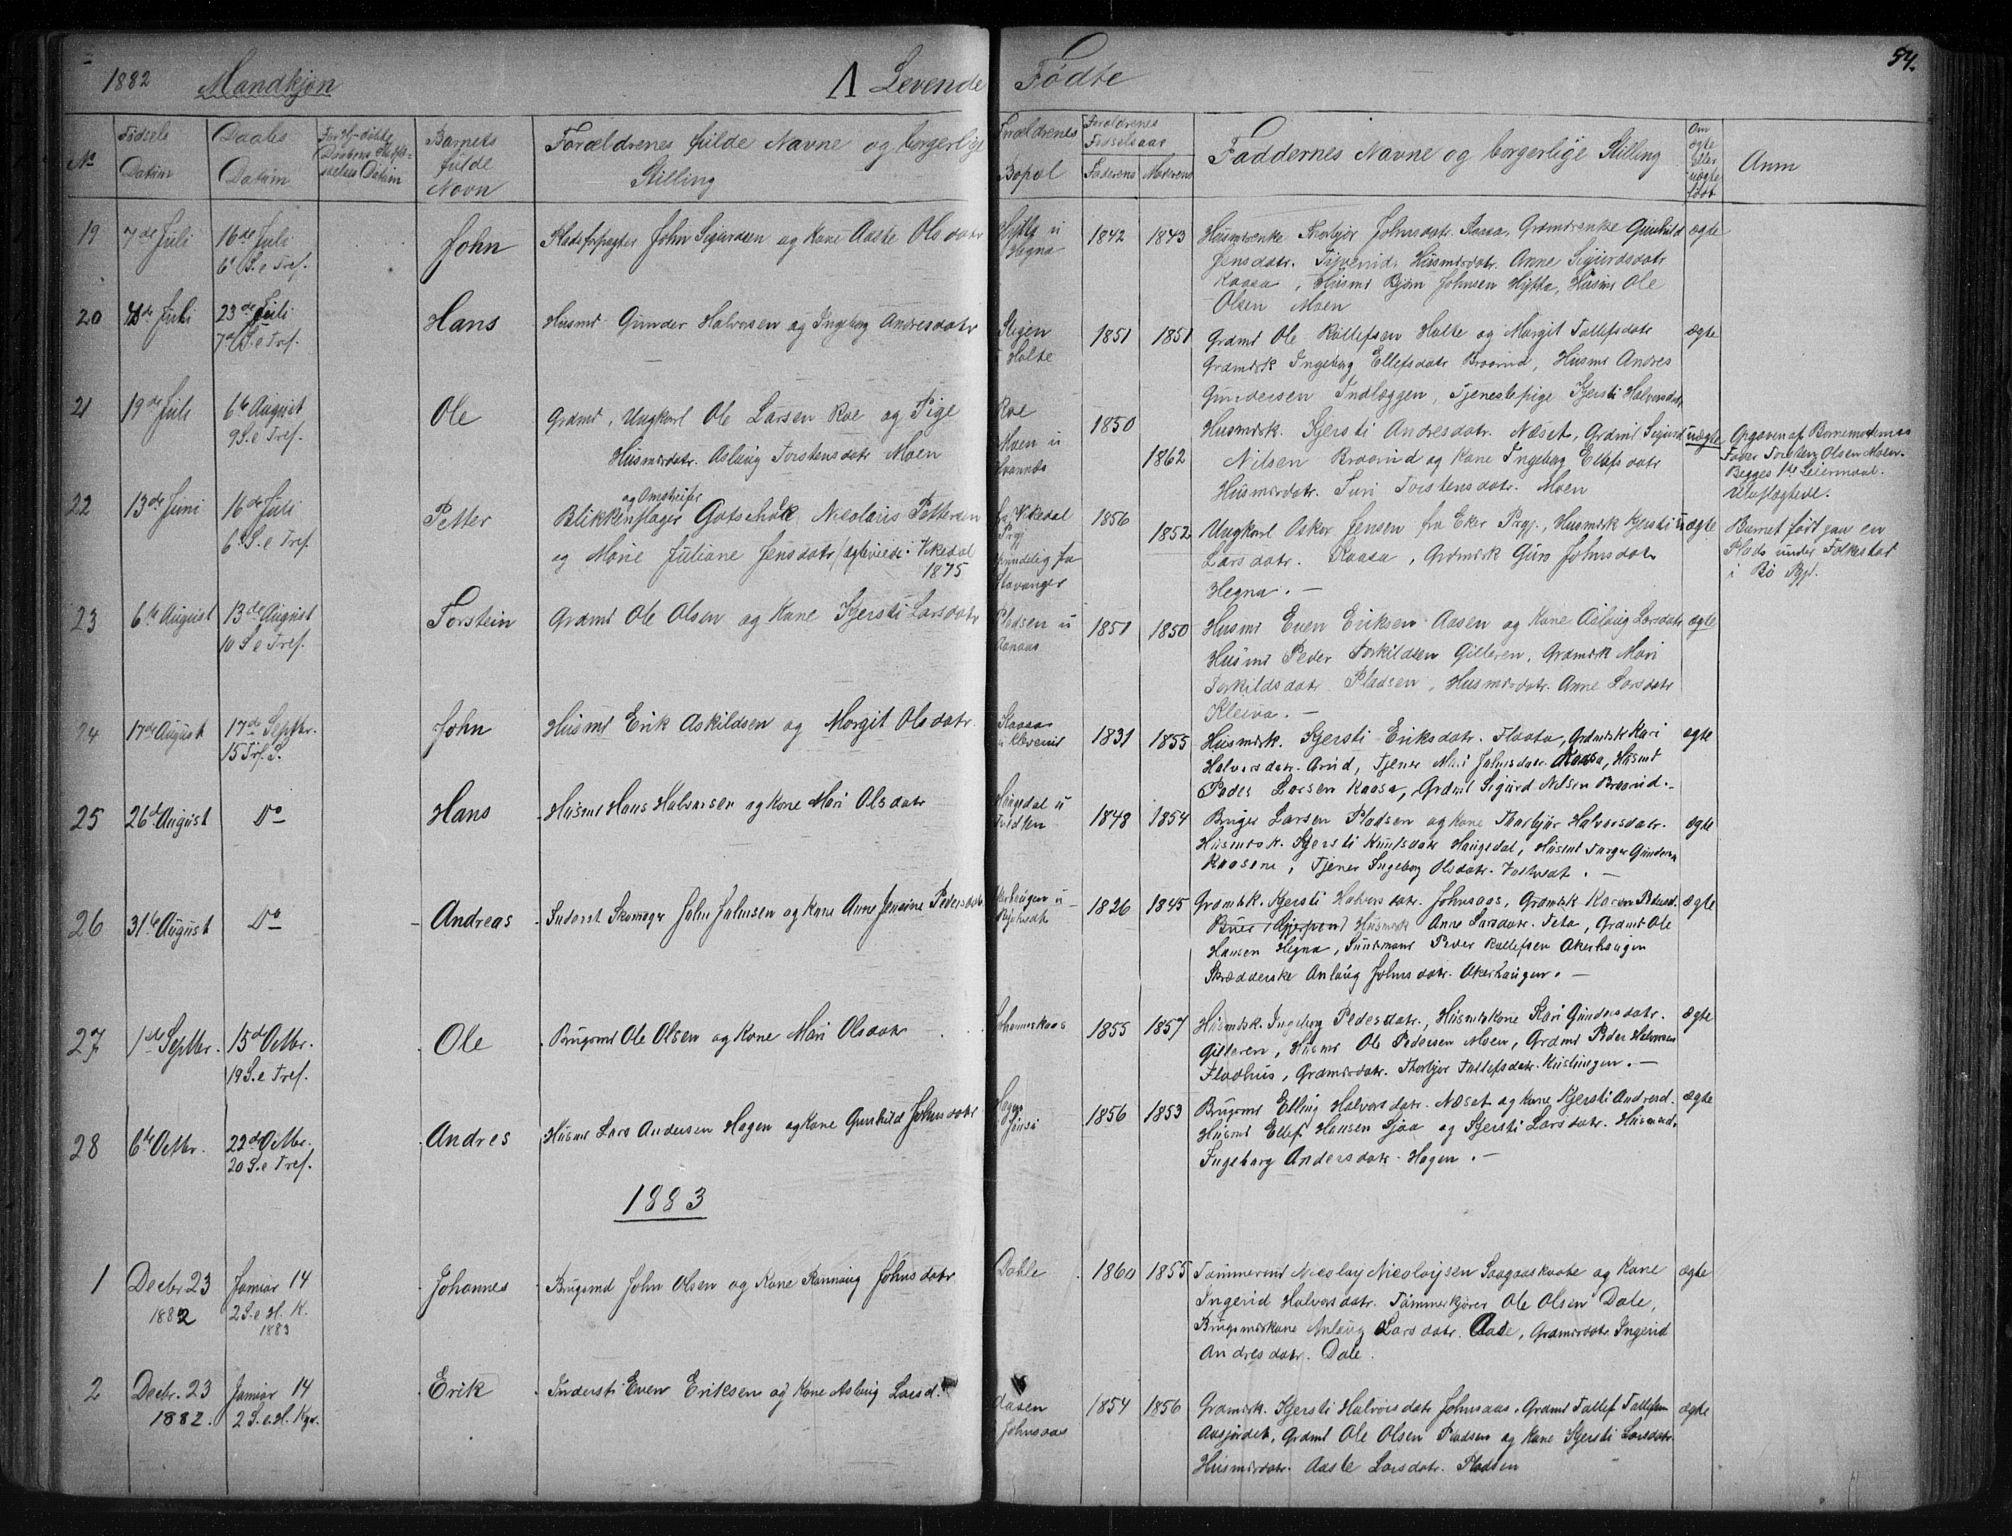 SAKO, Sauherad kirkebøker, G/Ga/L0003: Klokkerbok nr. I 3, 1866-1905, s. 54